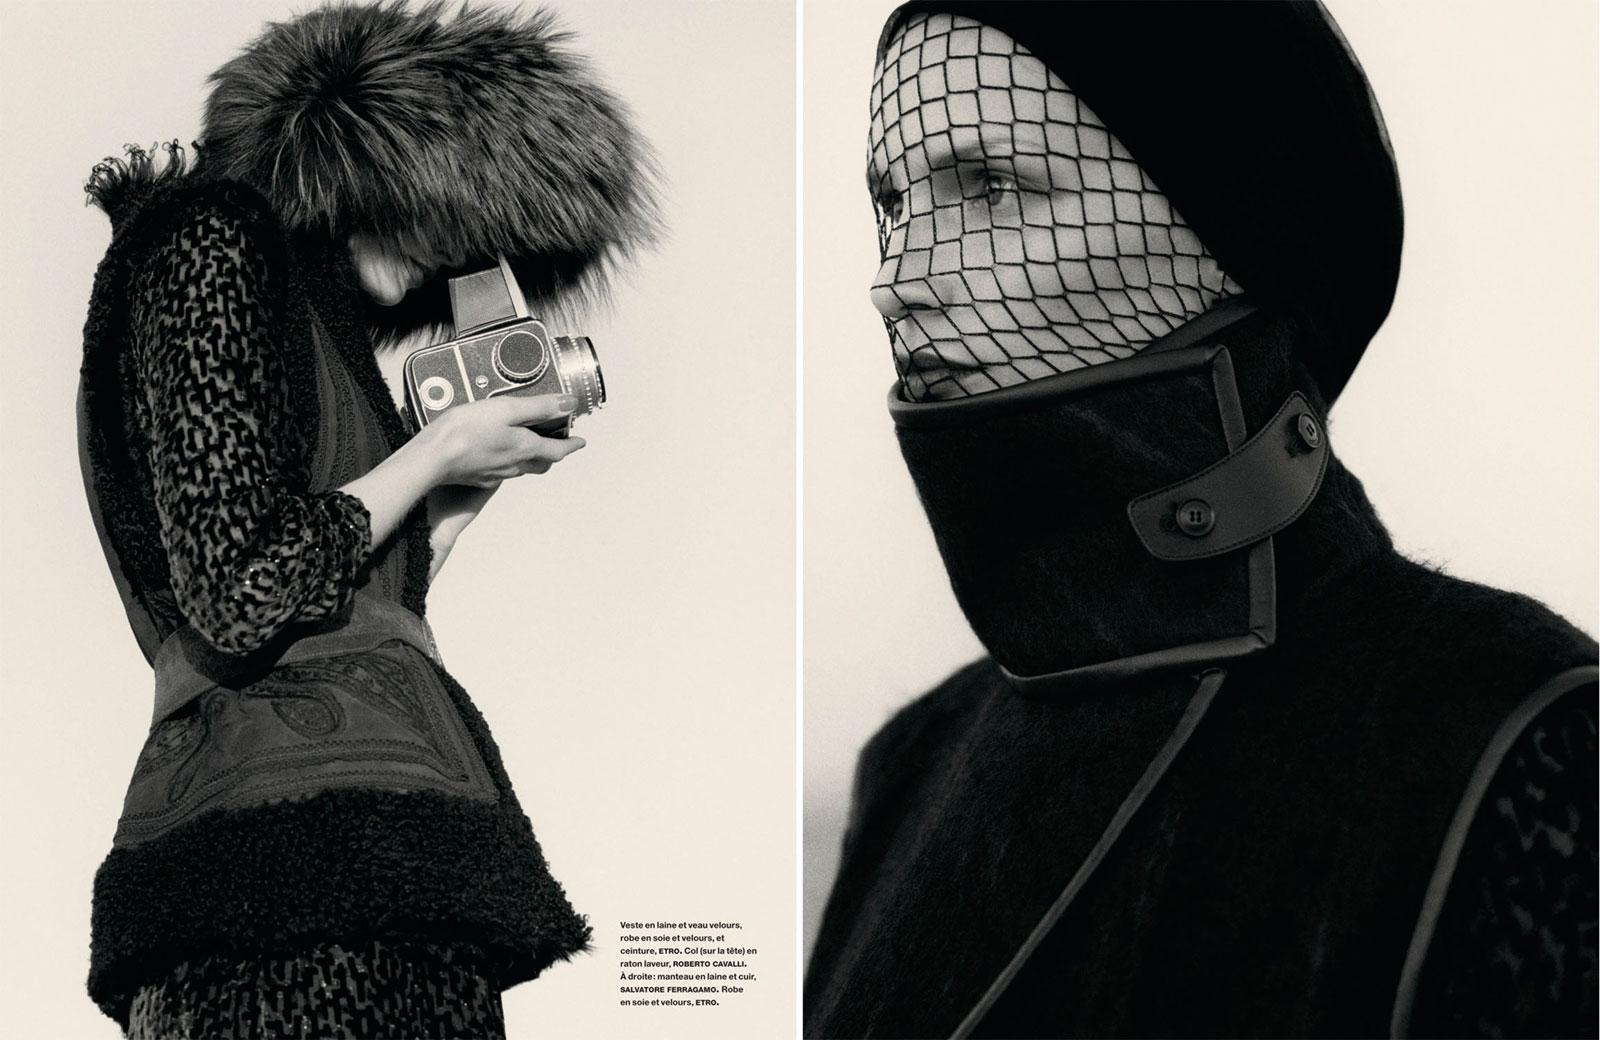 264_koto_bolofo_fashion_numero_camera_obscura